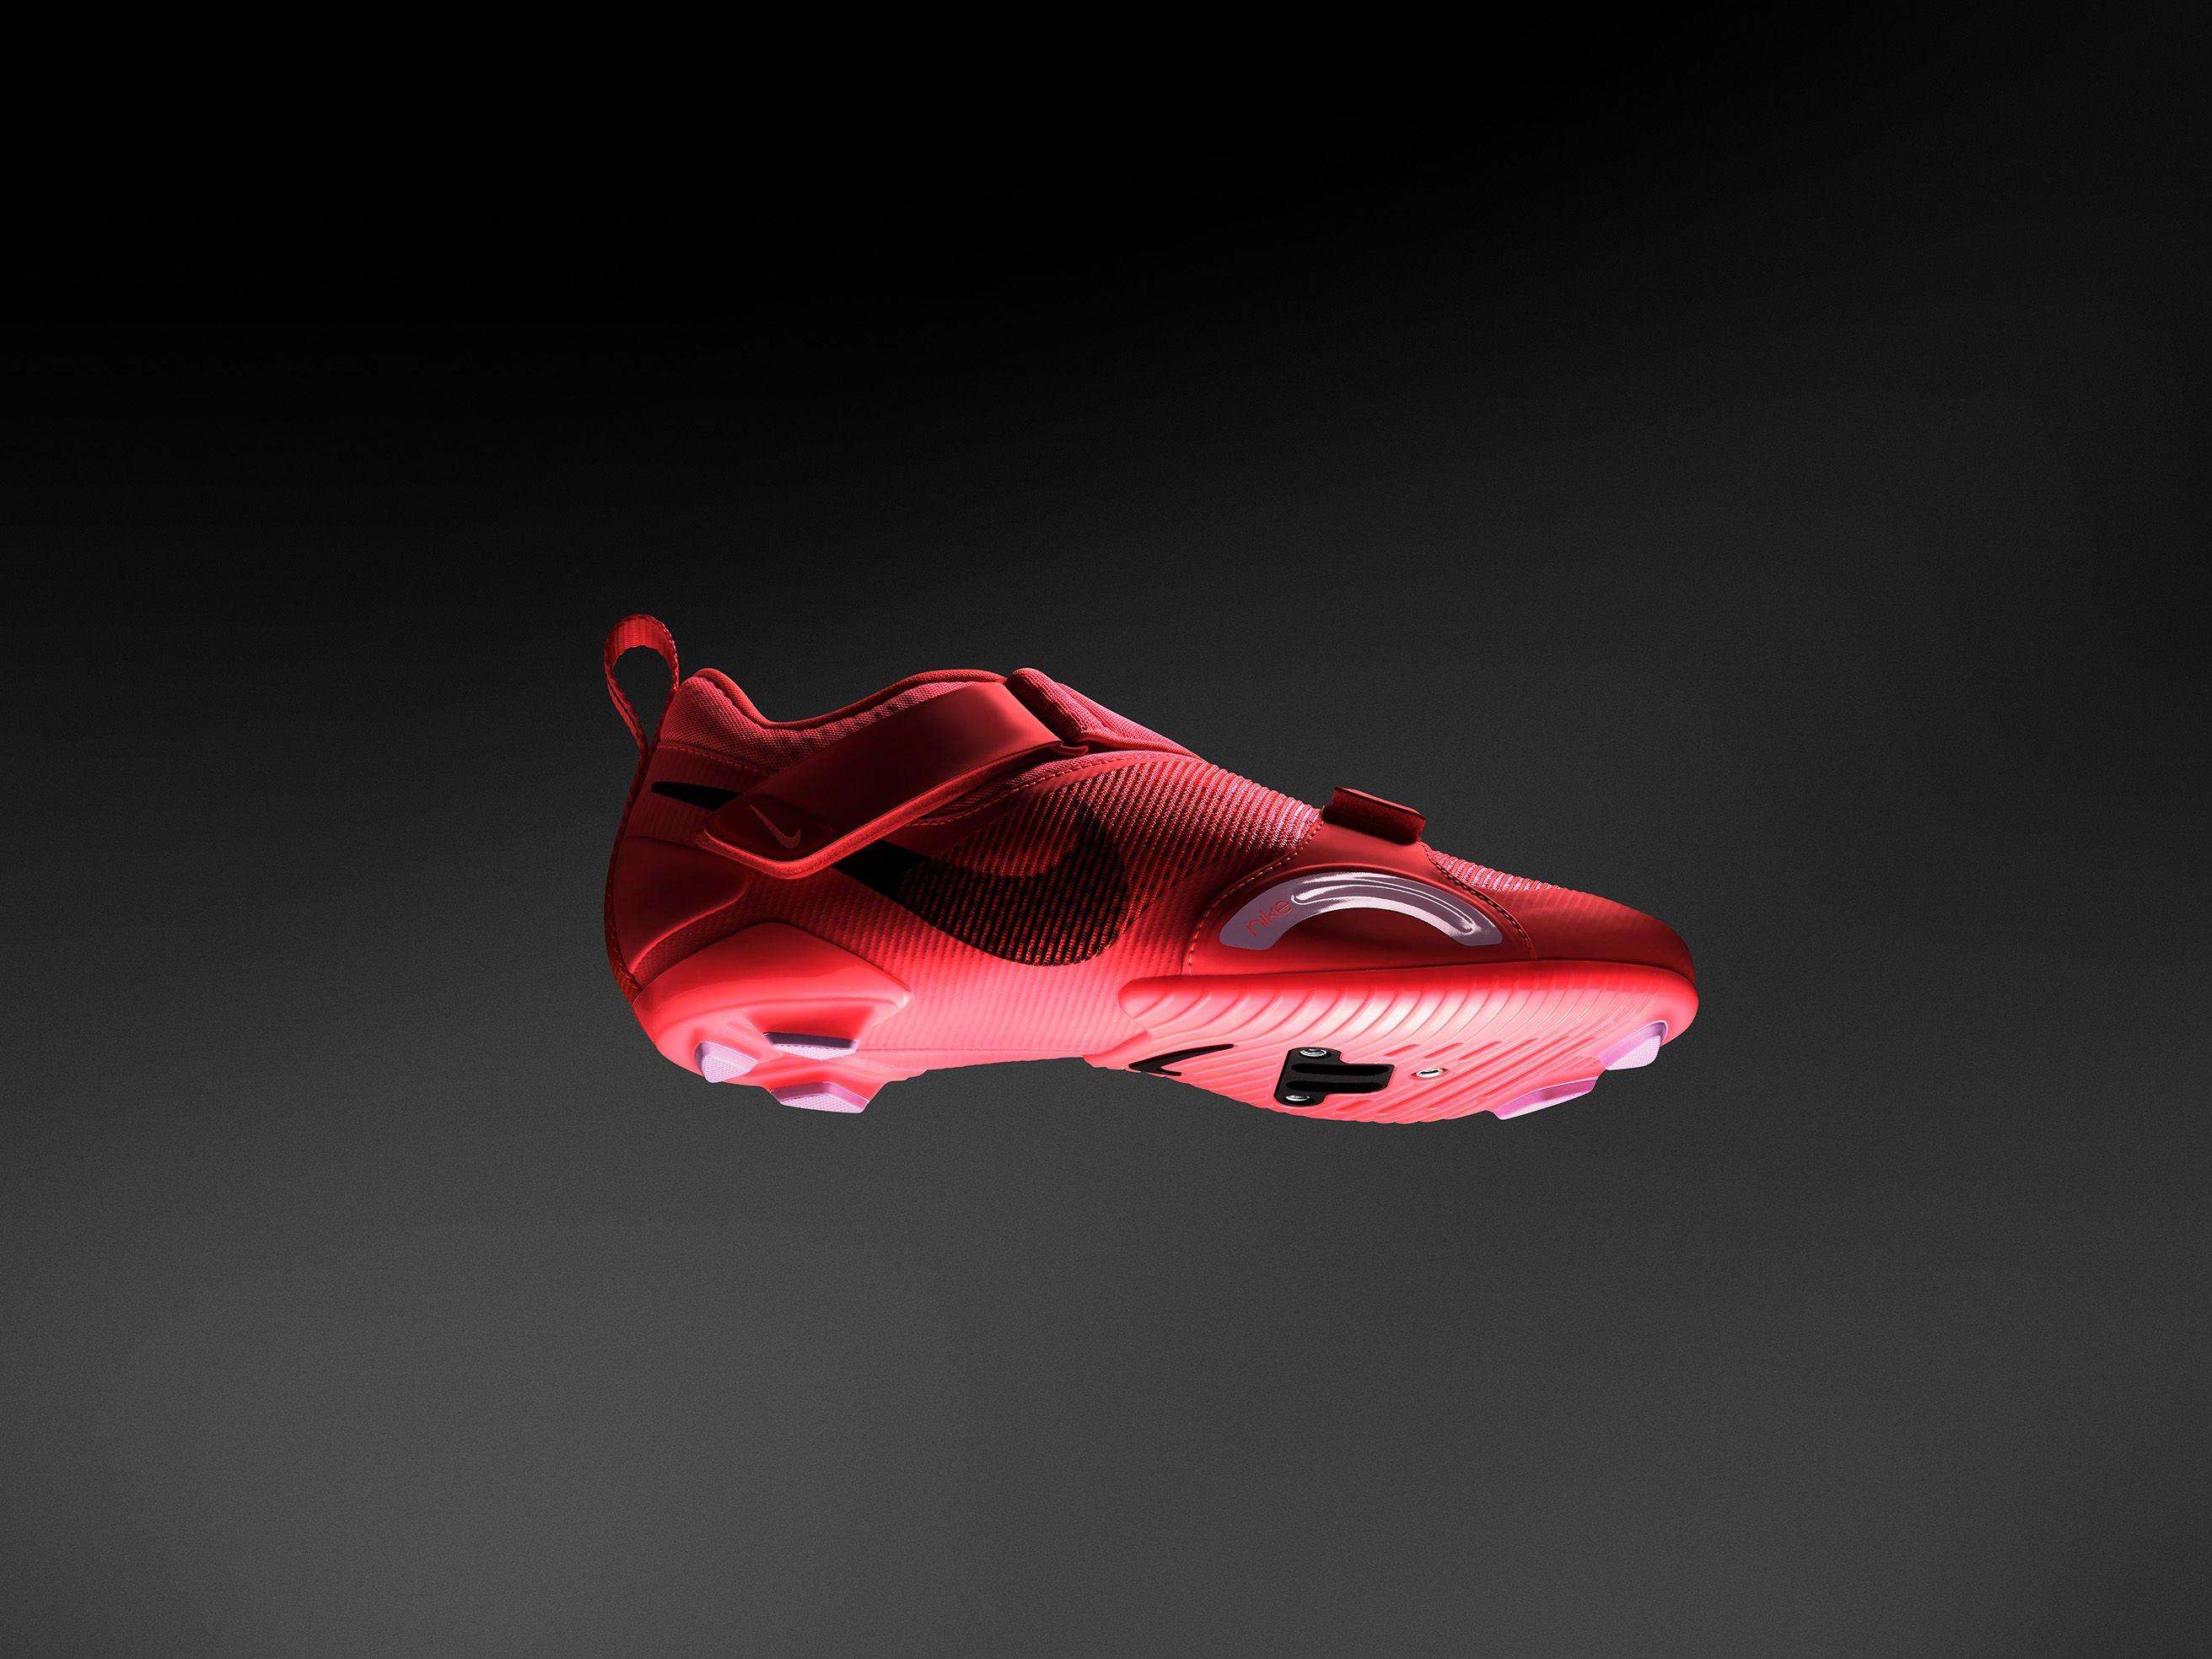 La nueva zapatilla de cicloindoor de Nike